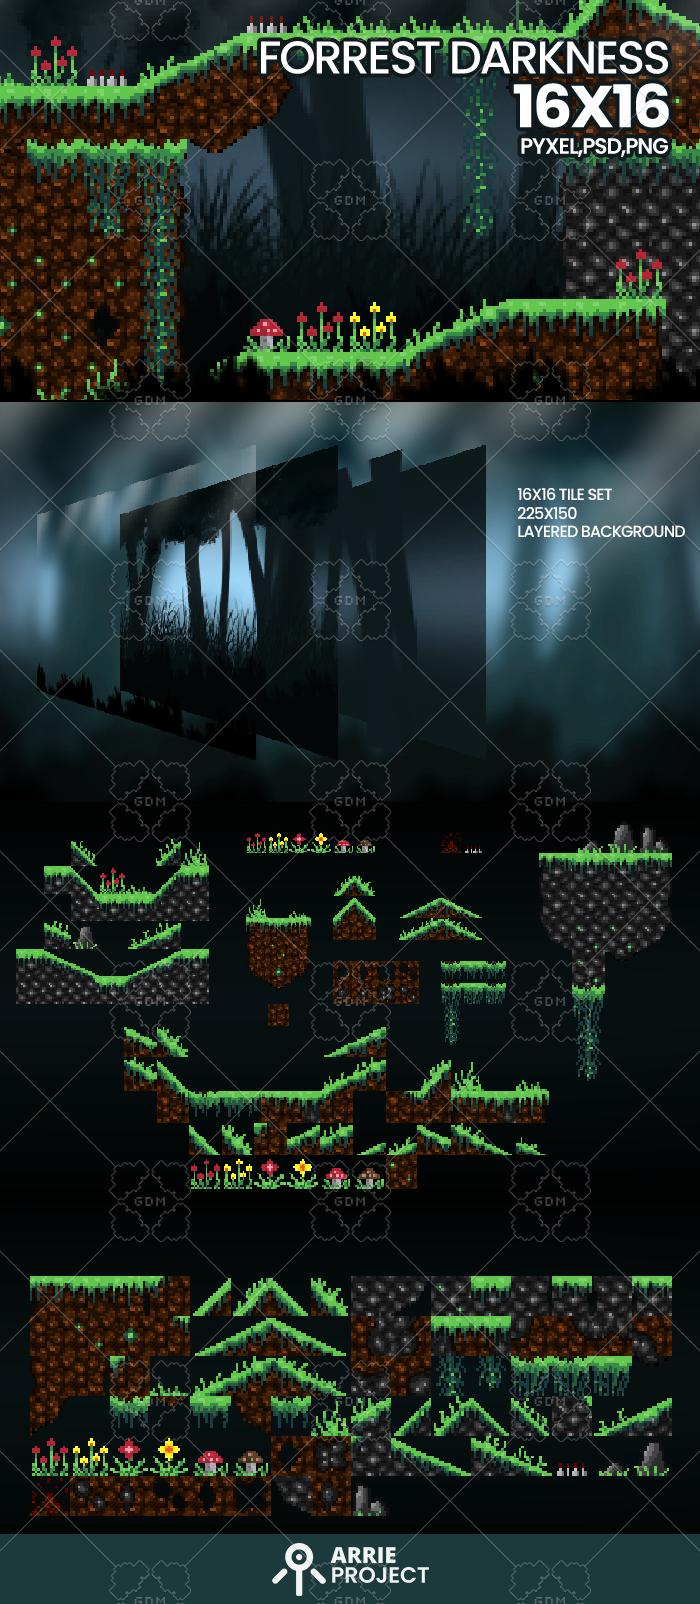 Forrest darkness background and tile set